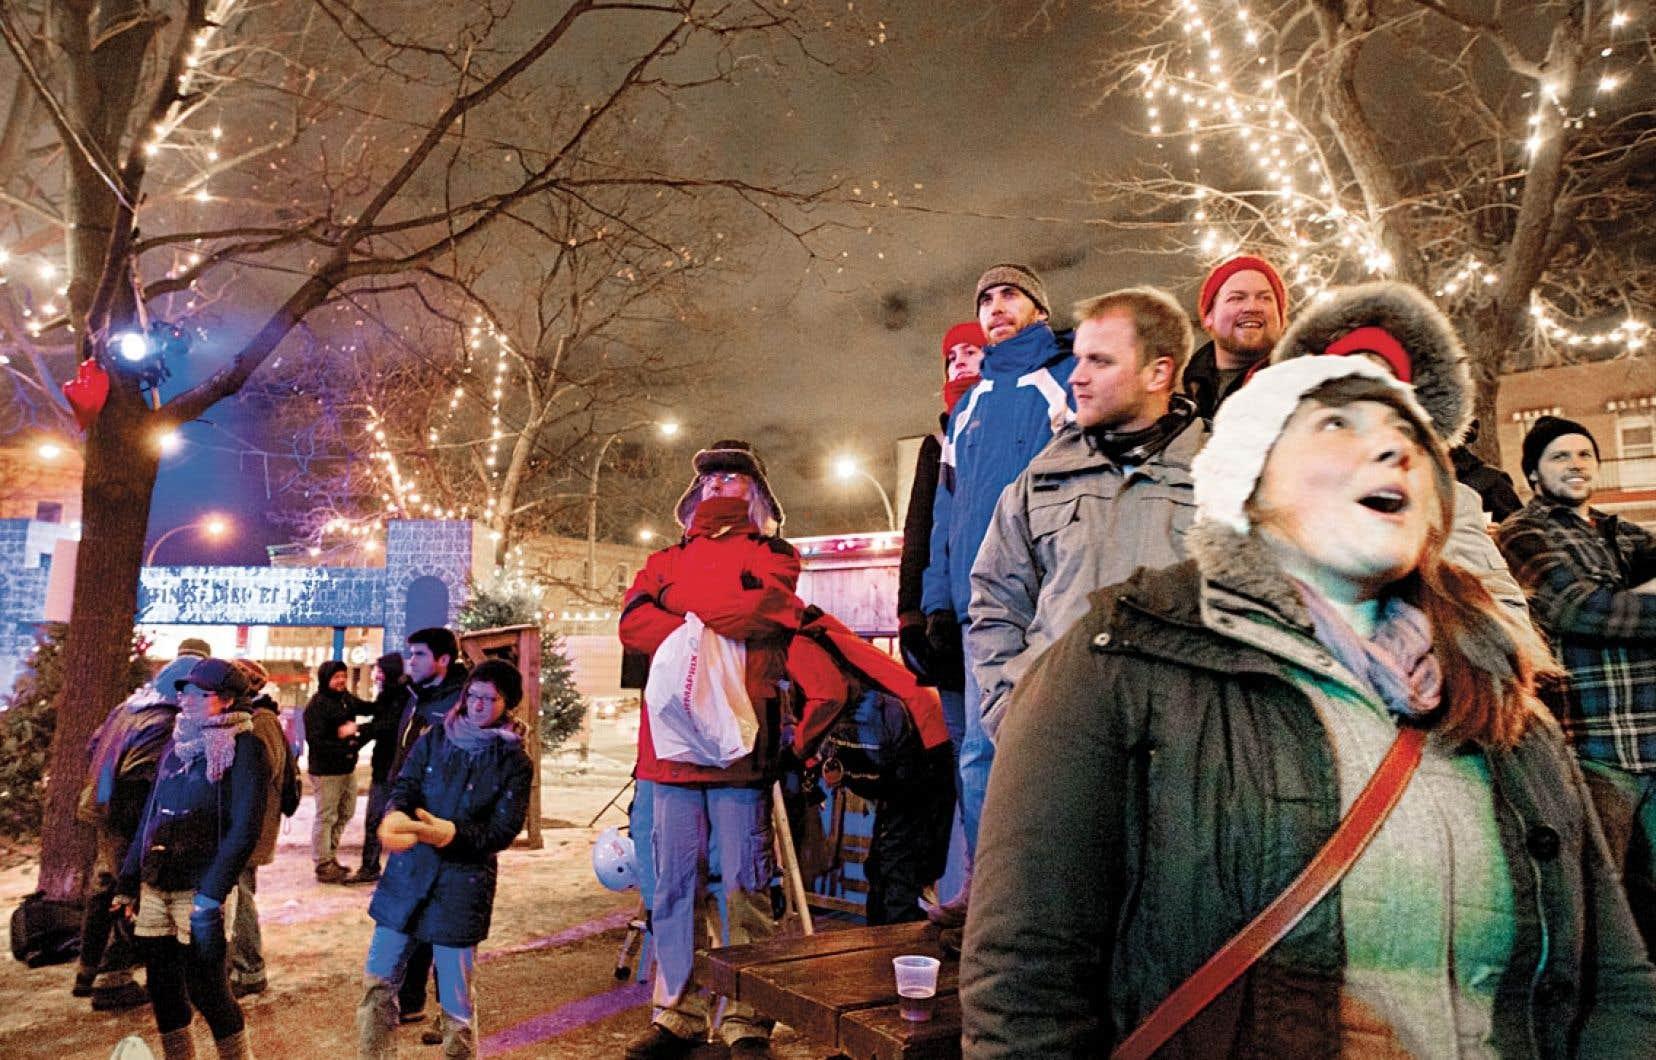 Les organisateurs de Noël dans le parc ont conçu un petit écrin féerique peuplé de sapins baumiers et de cabanes de bois où viennent chanter des artistes folk.